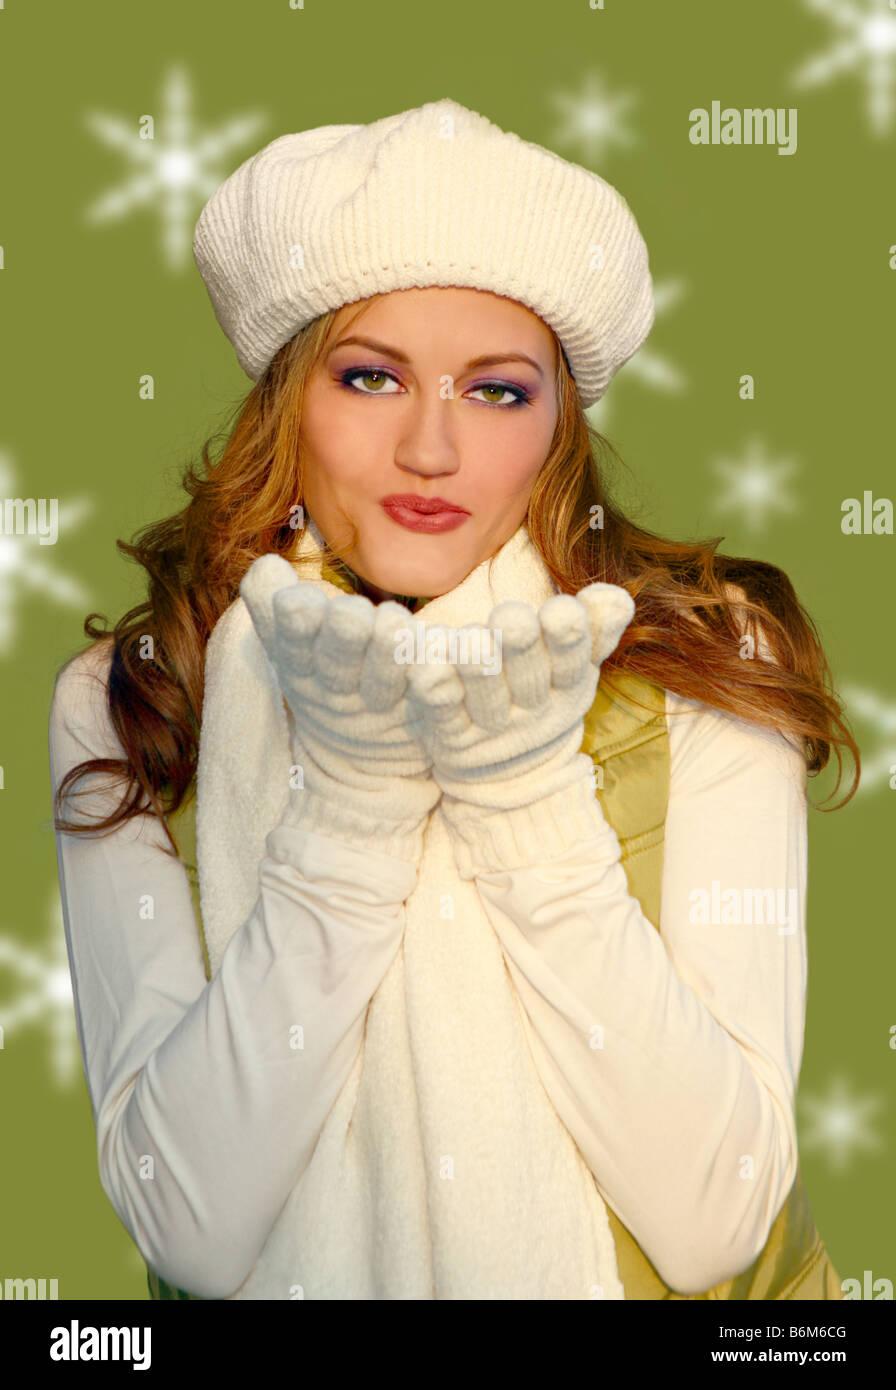 Bonita Rubia mandando besos vistiendo ropa de abrigo de invierno Imagen De Stock